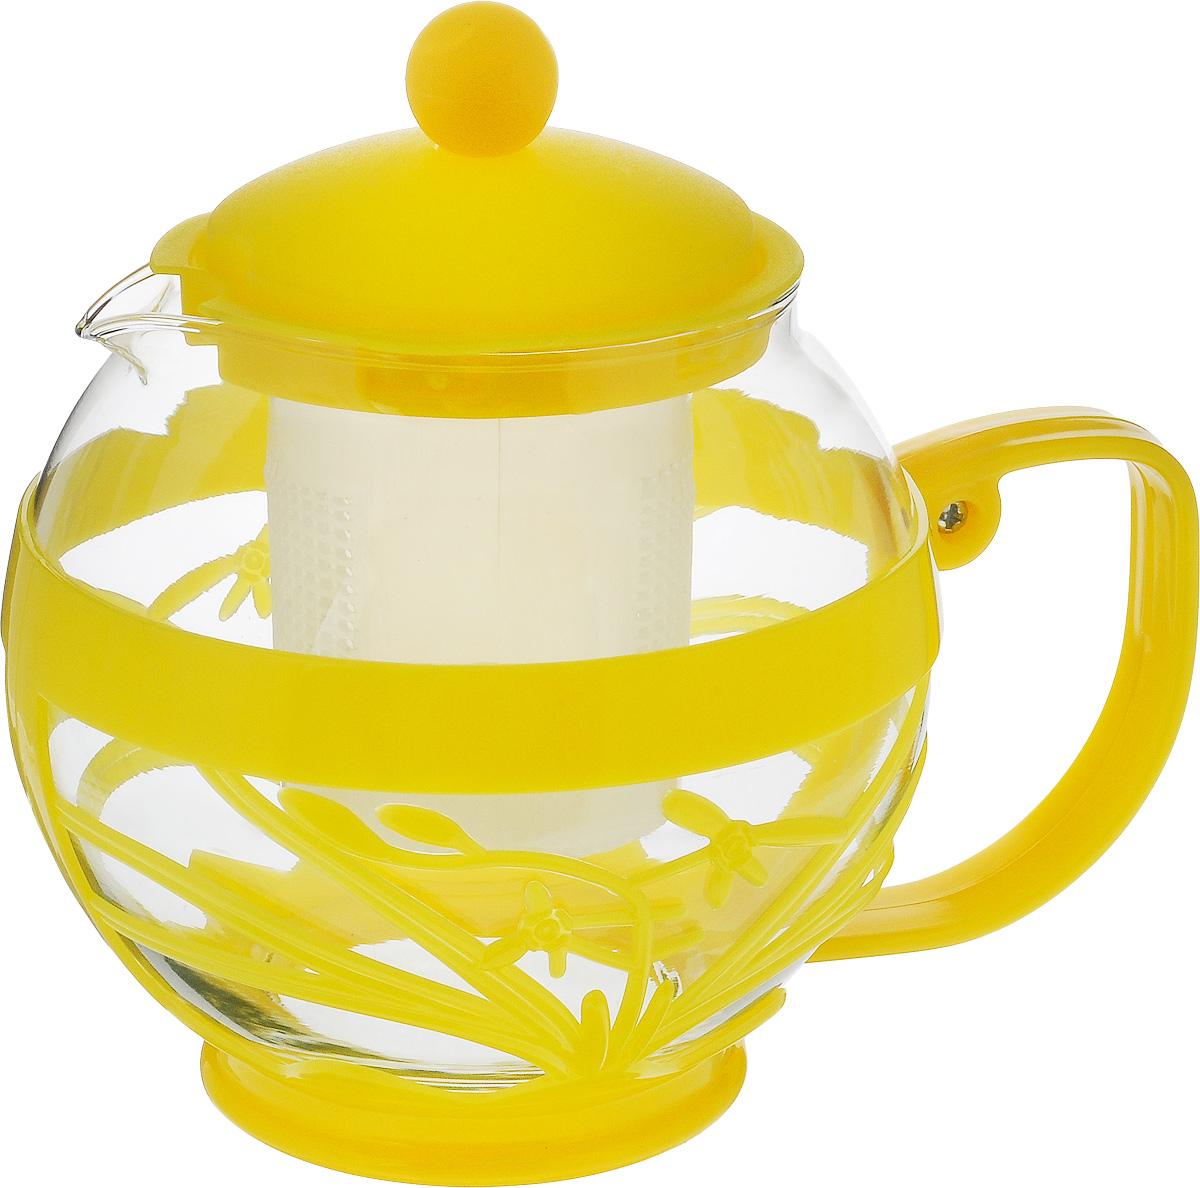 """Чайник заварочный Wellberg """"Aqual"""", с фильтром, цвет: прозрачный, желтый, 800 мл 361 WB_желтый"""